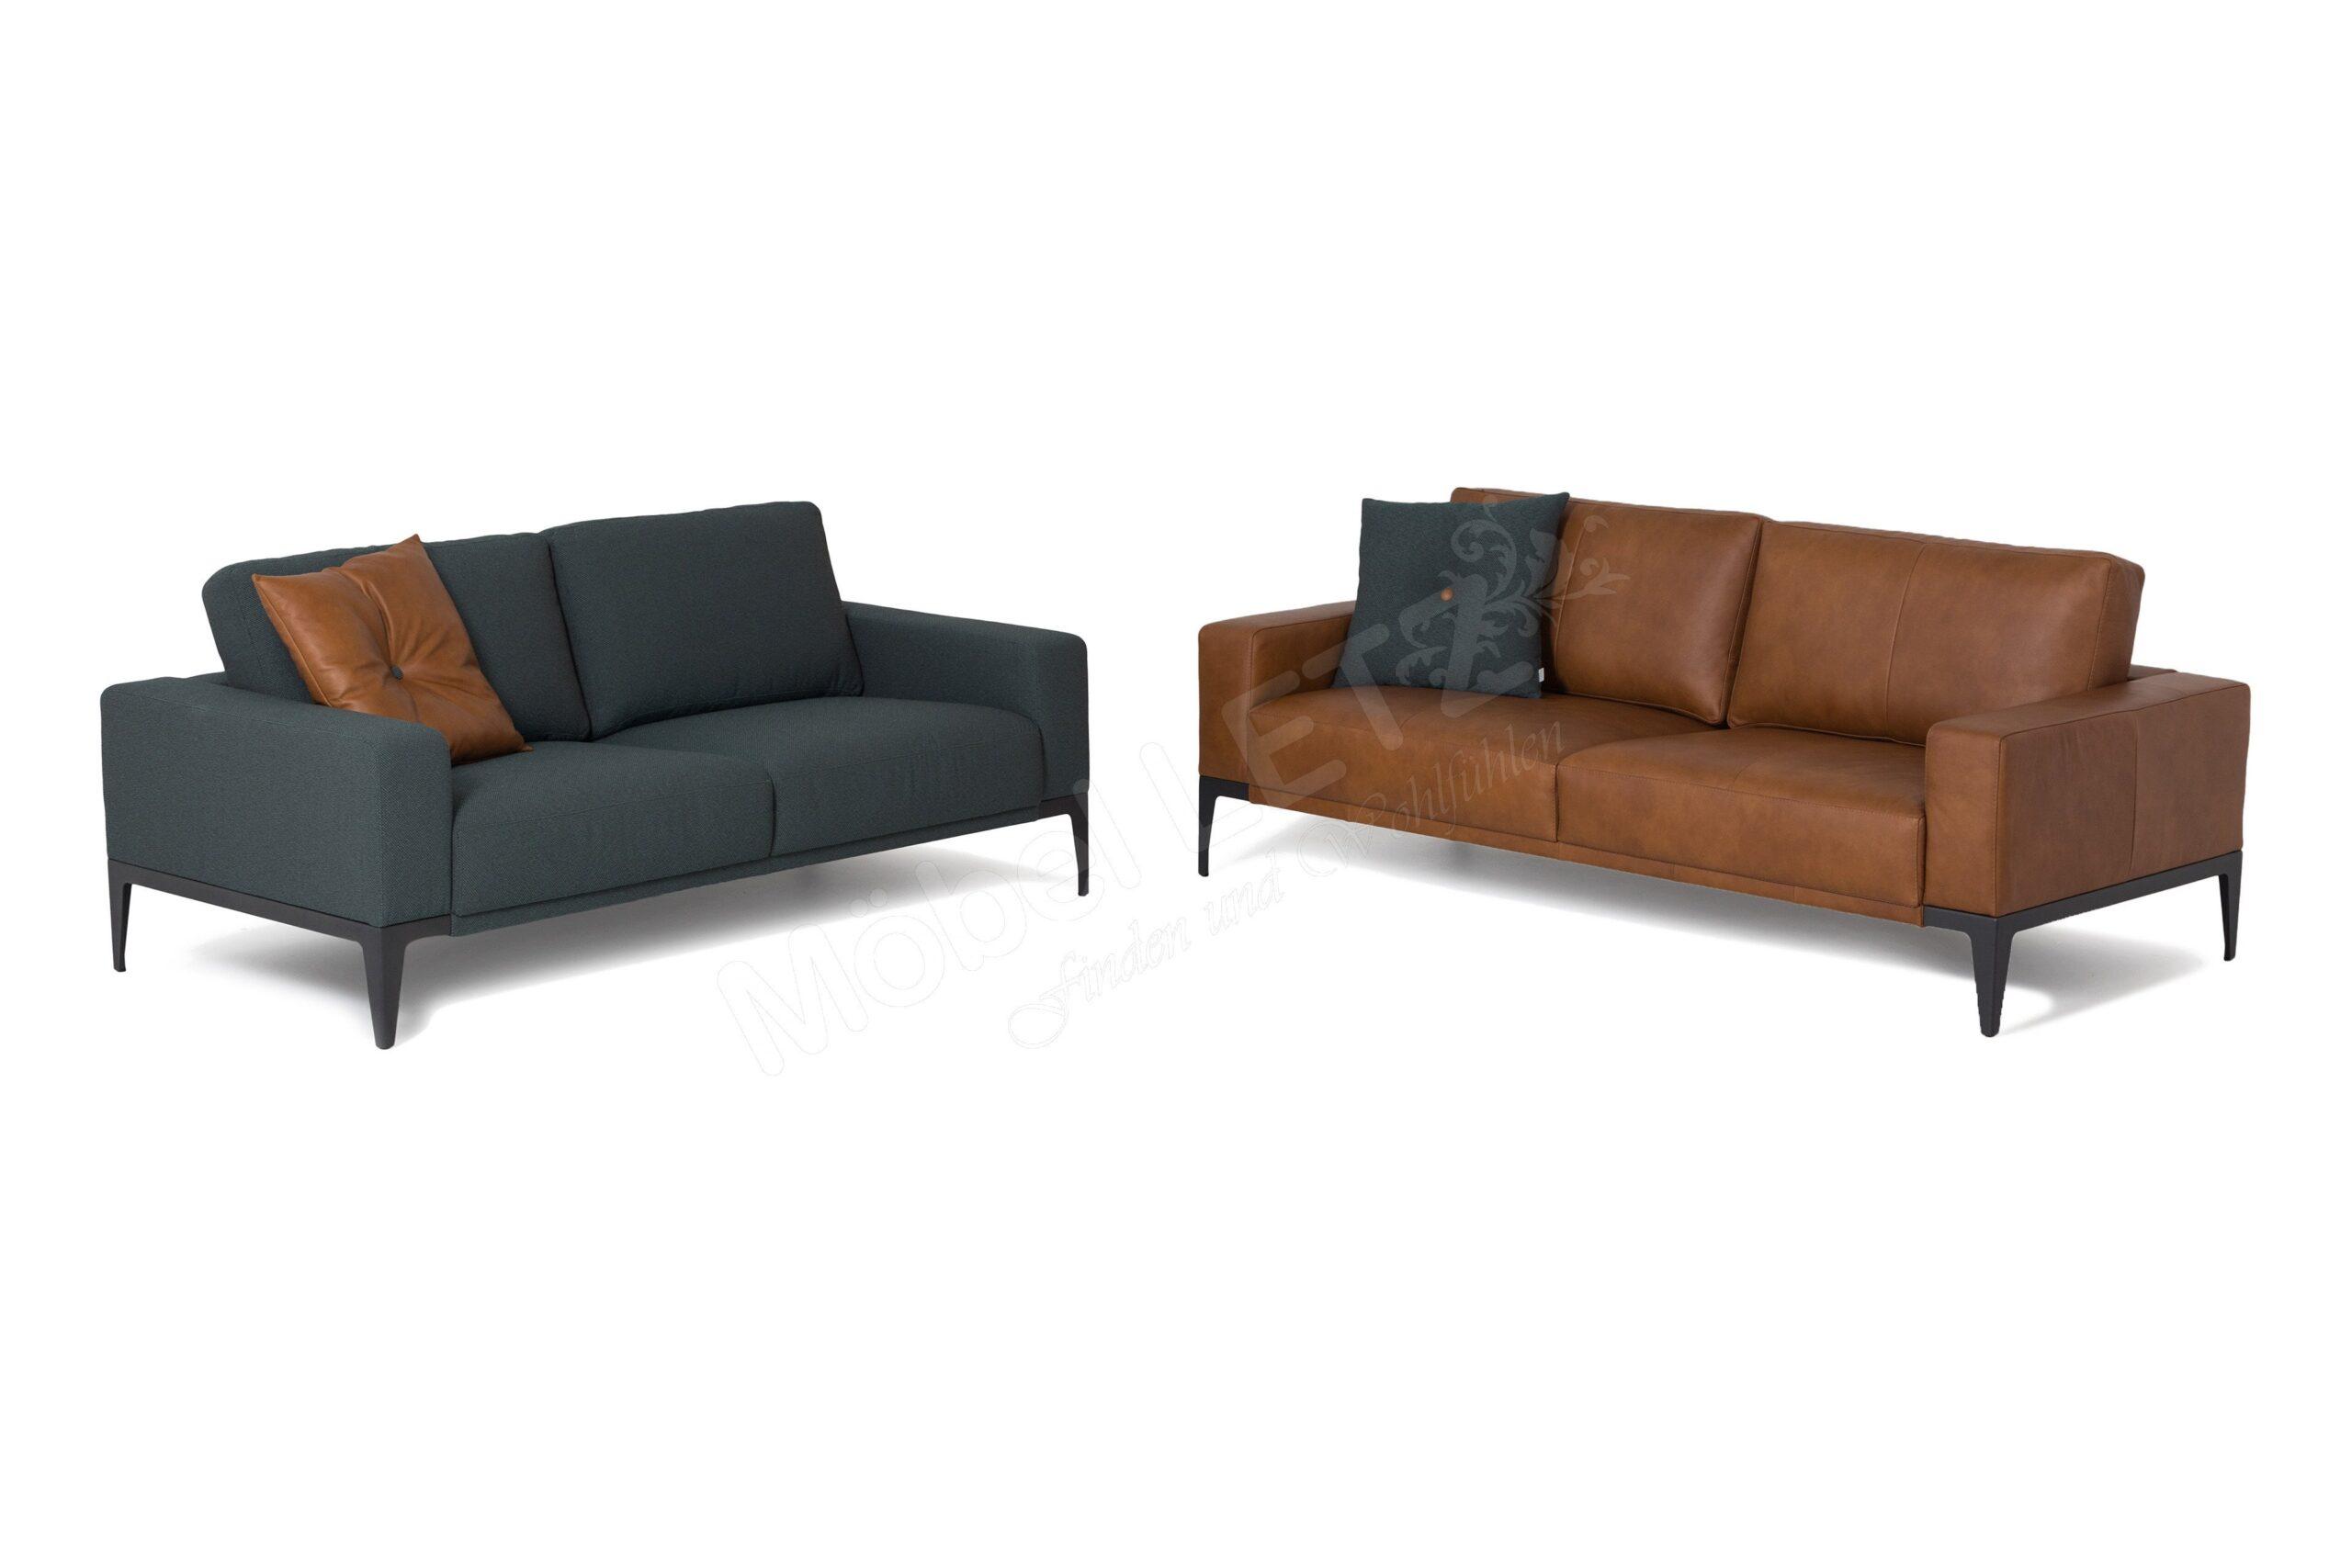 Full Size of 2 5 Sitzer Sofa Mit Relaxfunktion Federkern Couch Leder Landhausstil Marilyn Elektrisch Microfaser Stoff Schlaffunktion Grau Bert Plantagie Renio Regal 25 Cm Sofa Sofa 2 5 Sitzer